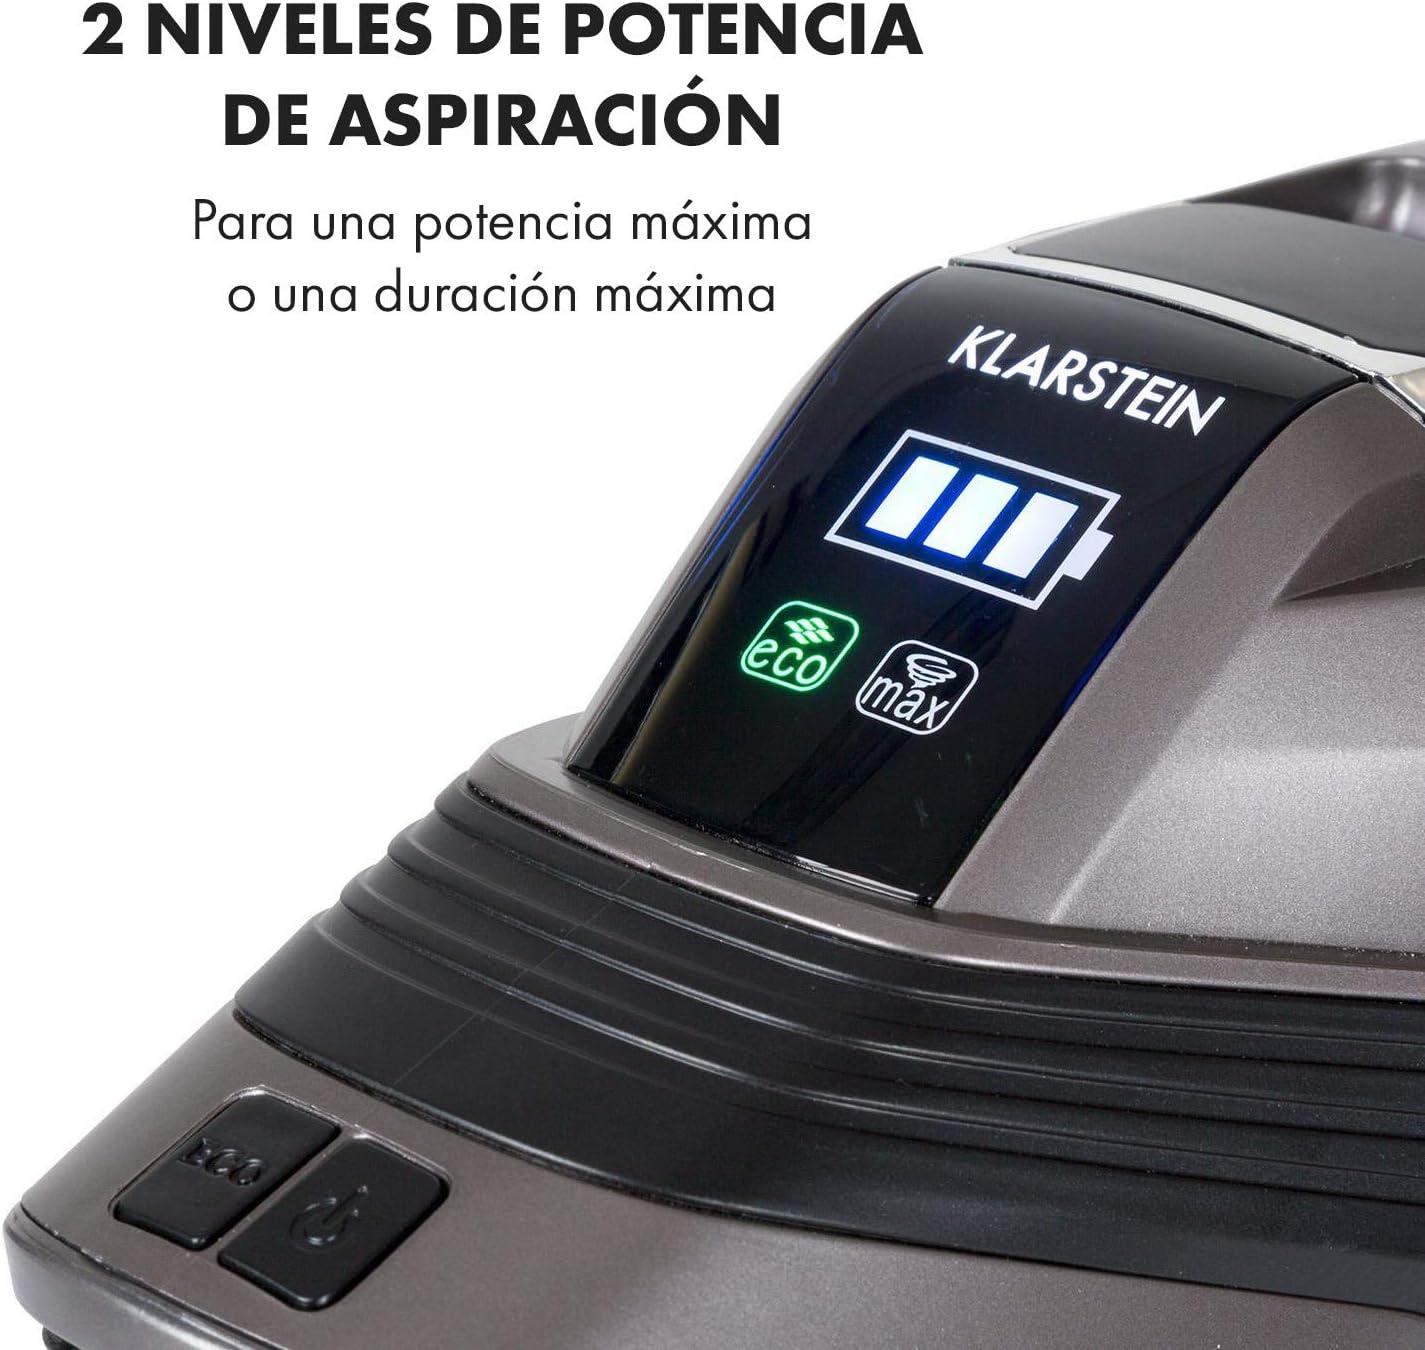 Klarstein Cleanbutler 3G Turbo Aspiradora de batería - Aspiradora ...